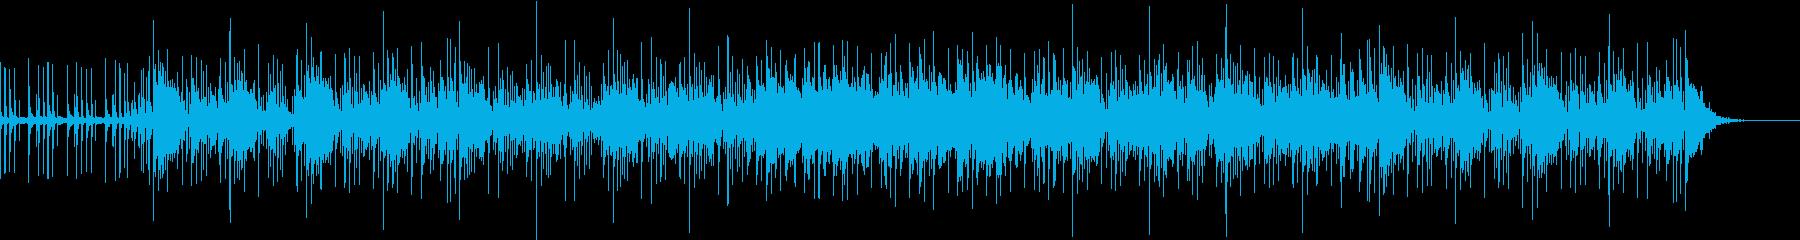 グルーヴィで明るいゆったりめのBGMの再生済みの波形